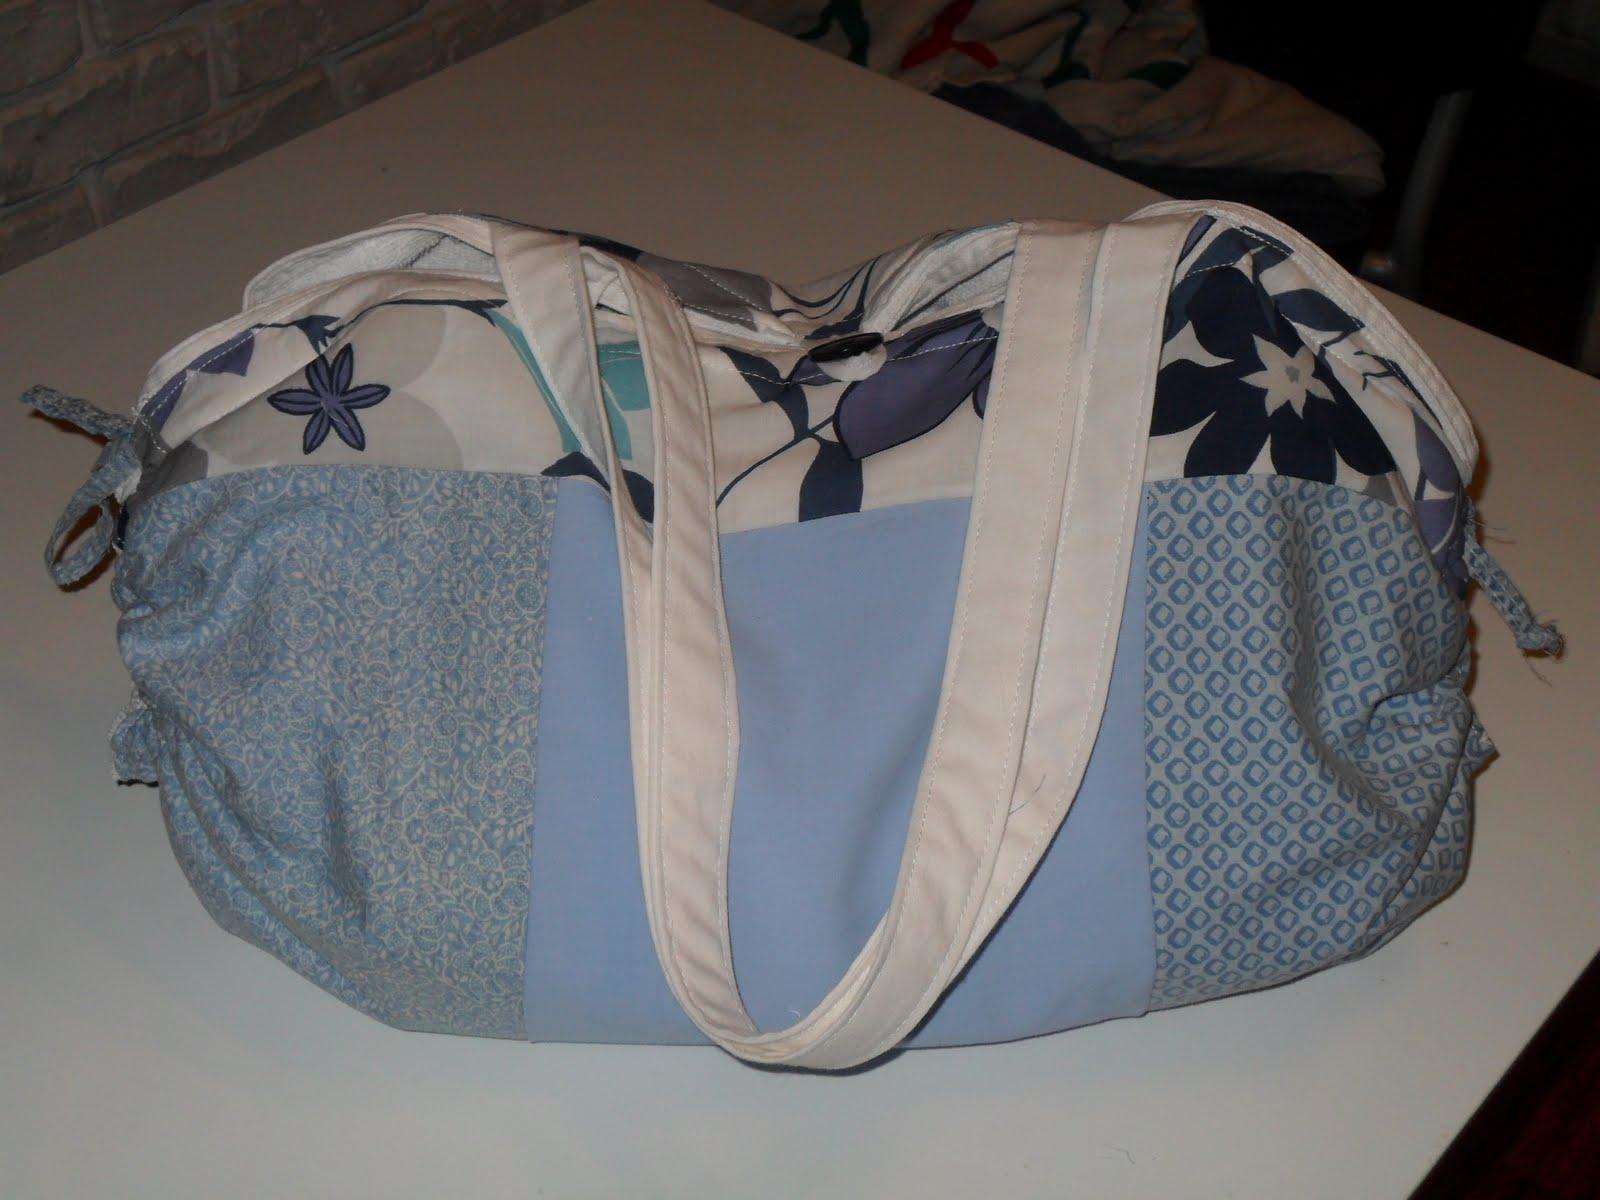 couleurs de bahia la boutique sac qui se transforme en serviette de plage quelle merveille. Black Bedroom Furniture Sets. Home Design Ideas